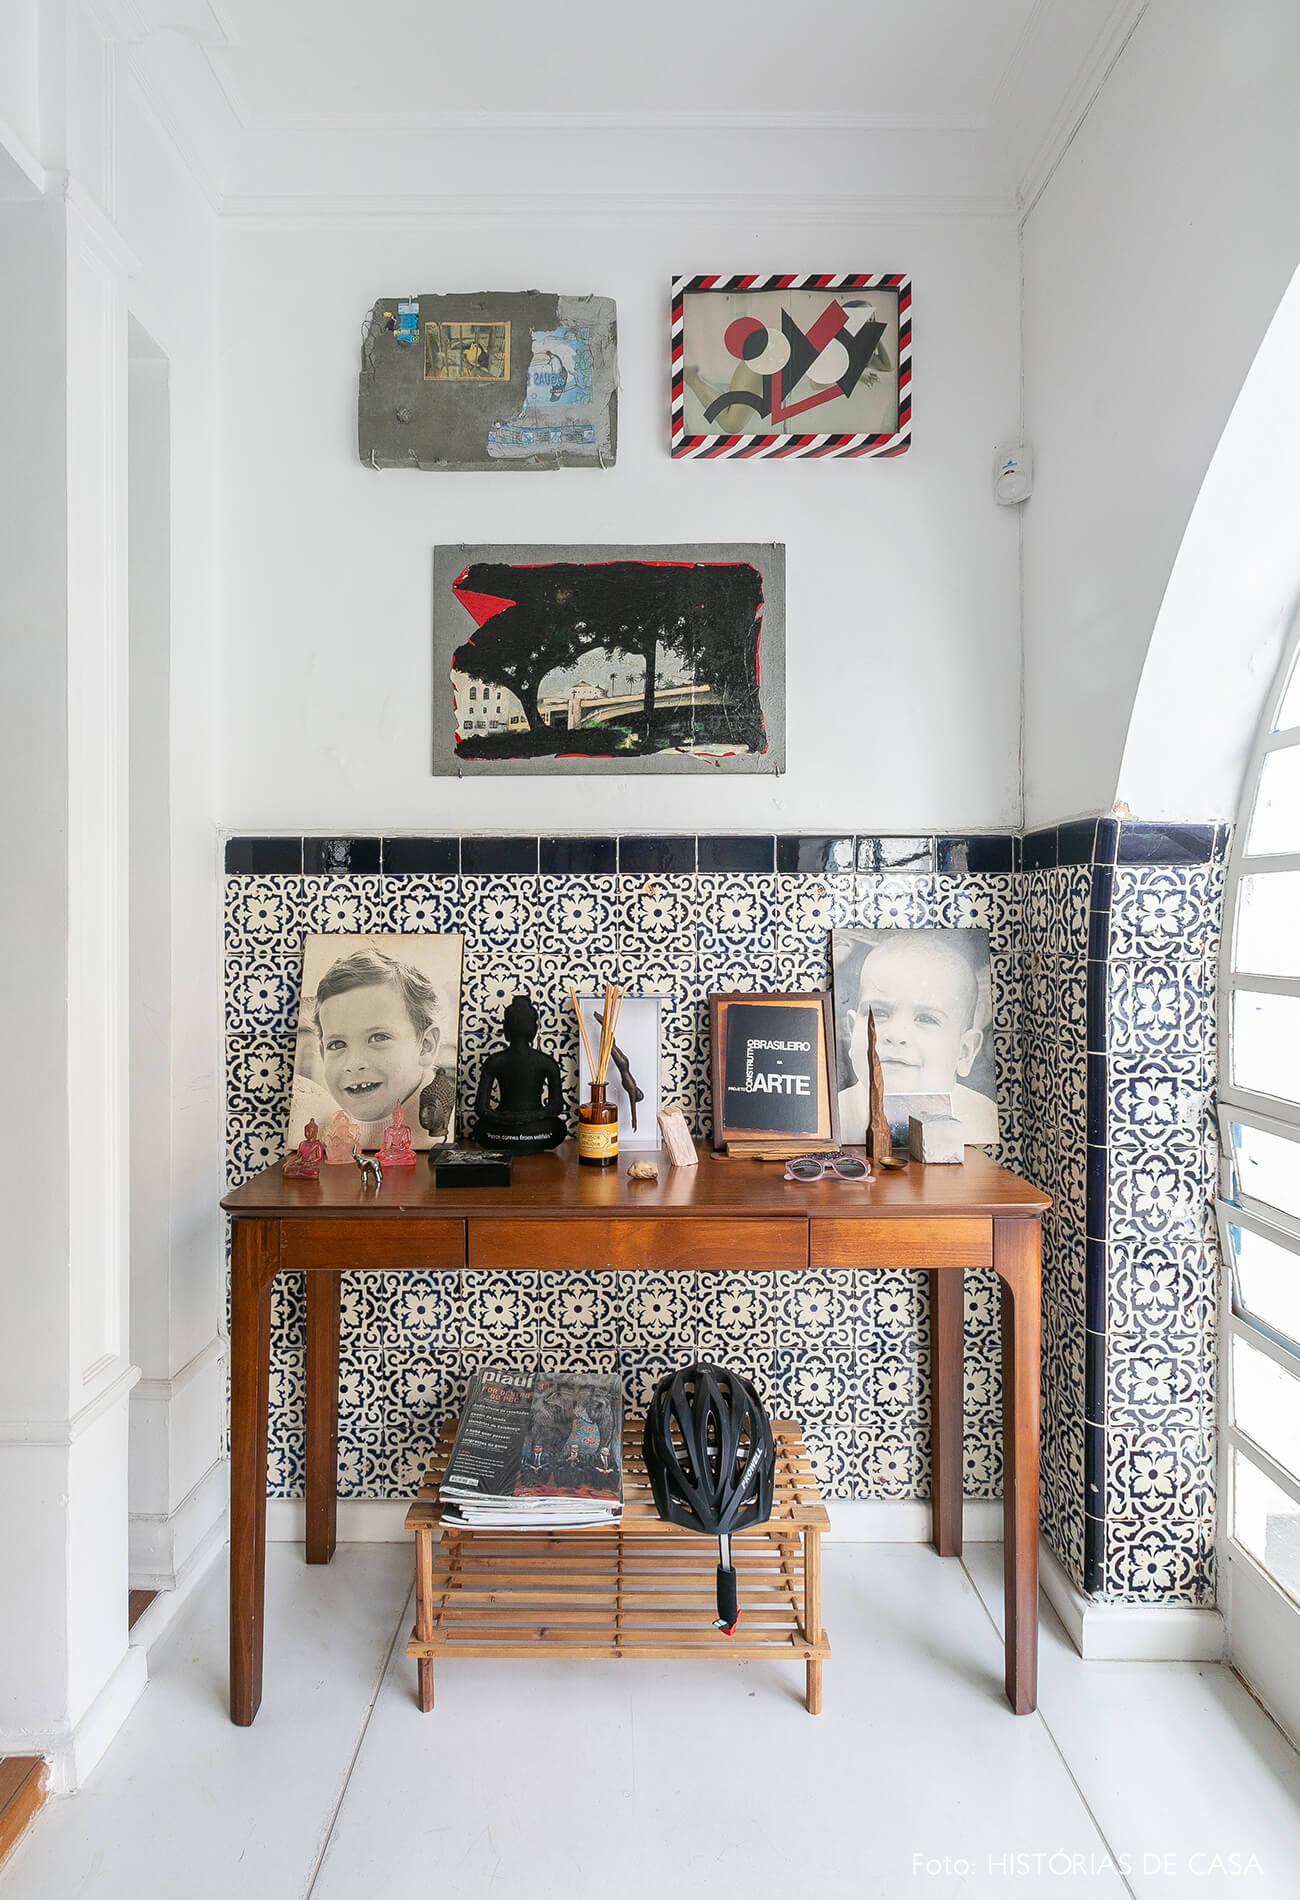 Painel de azulejos original em casa antiga